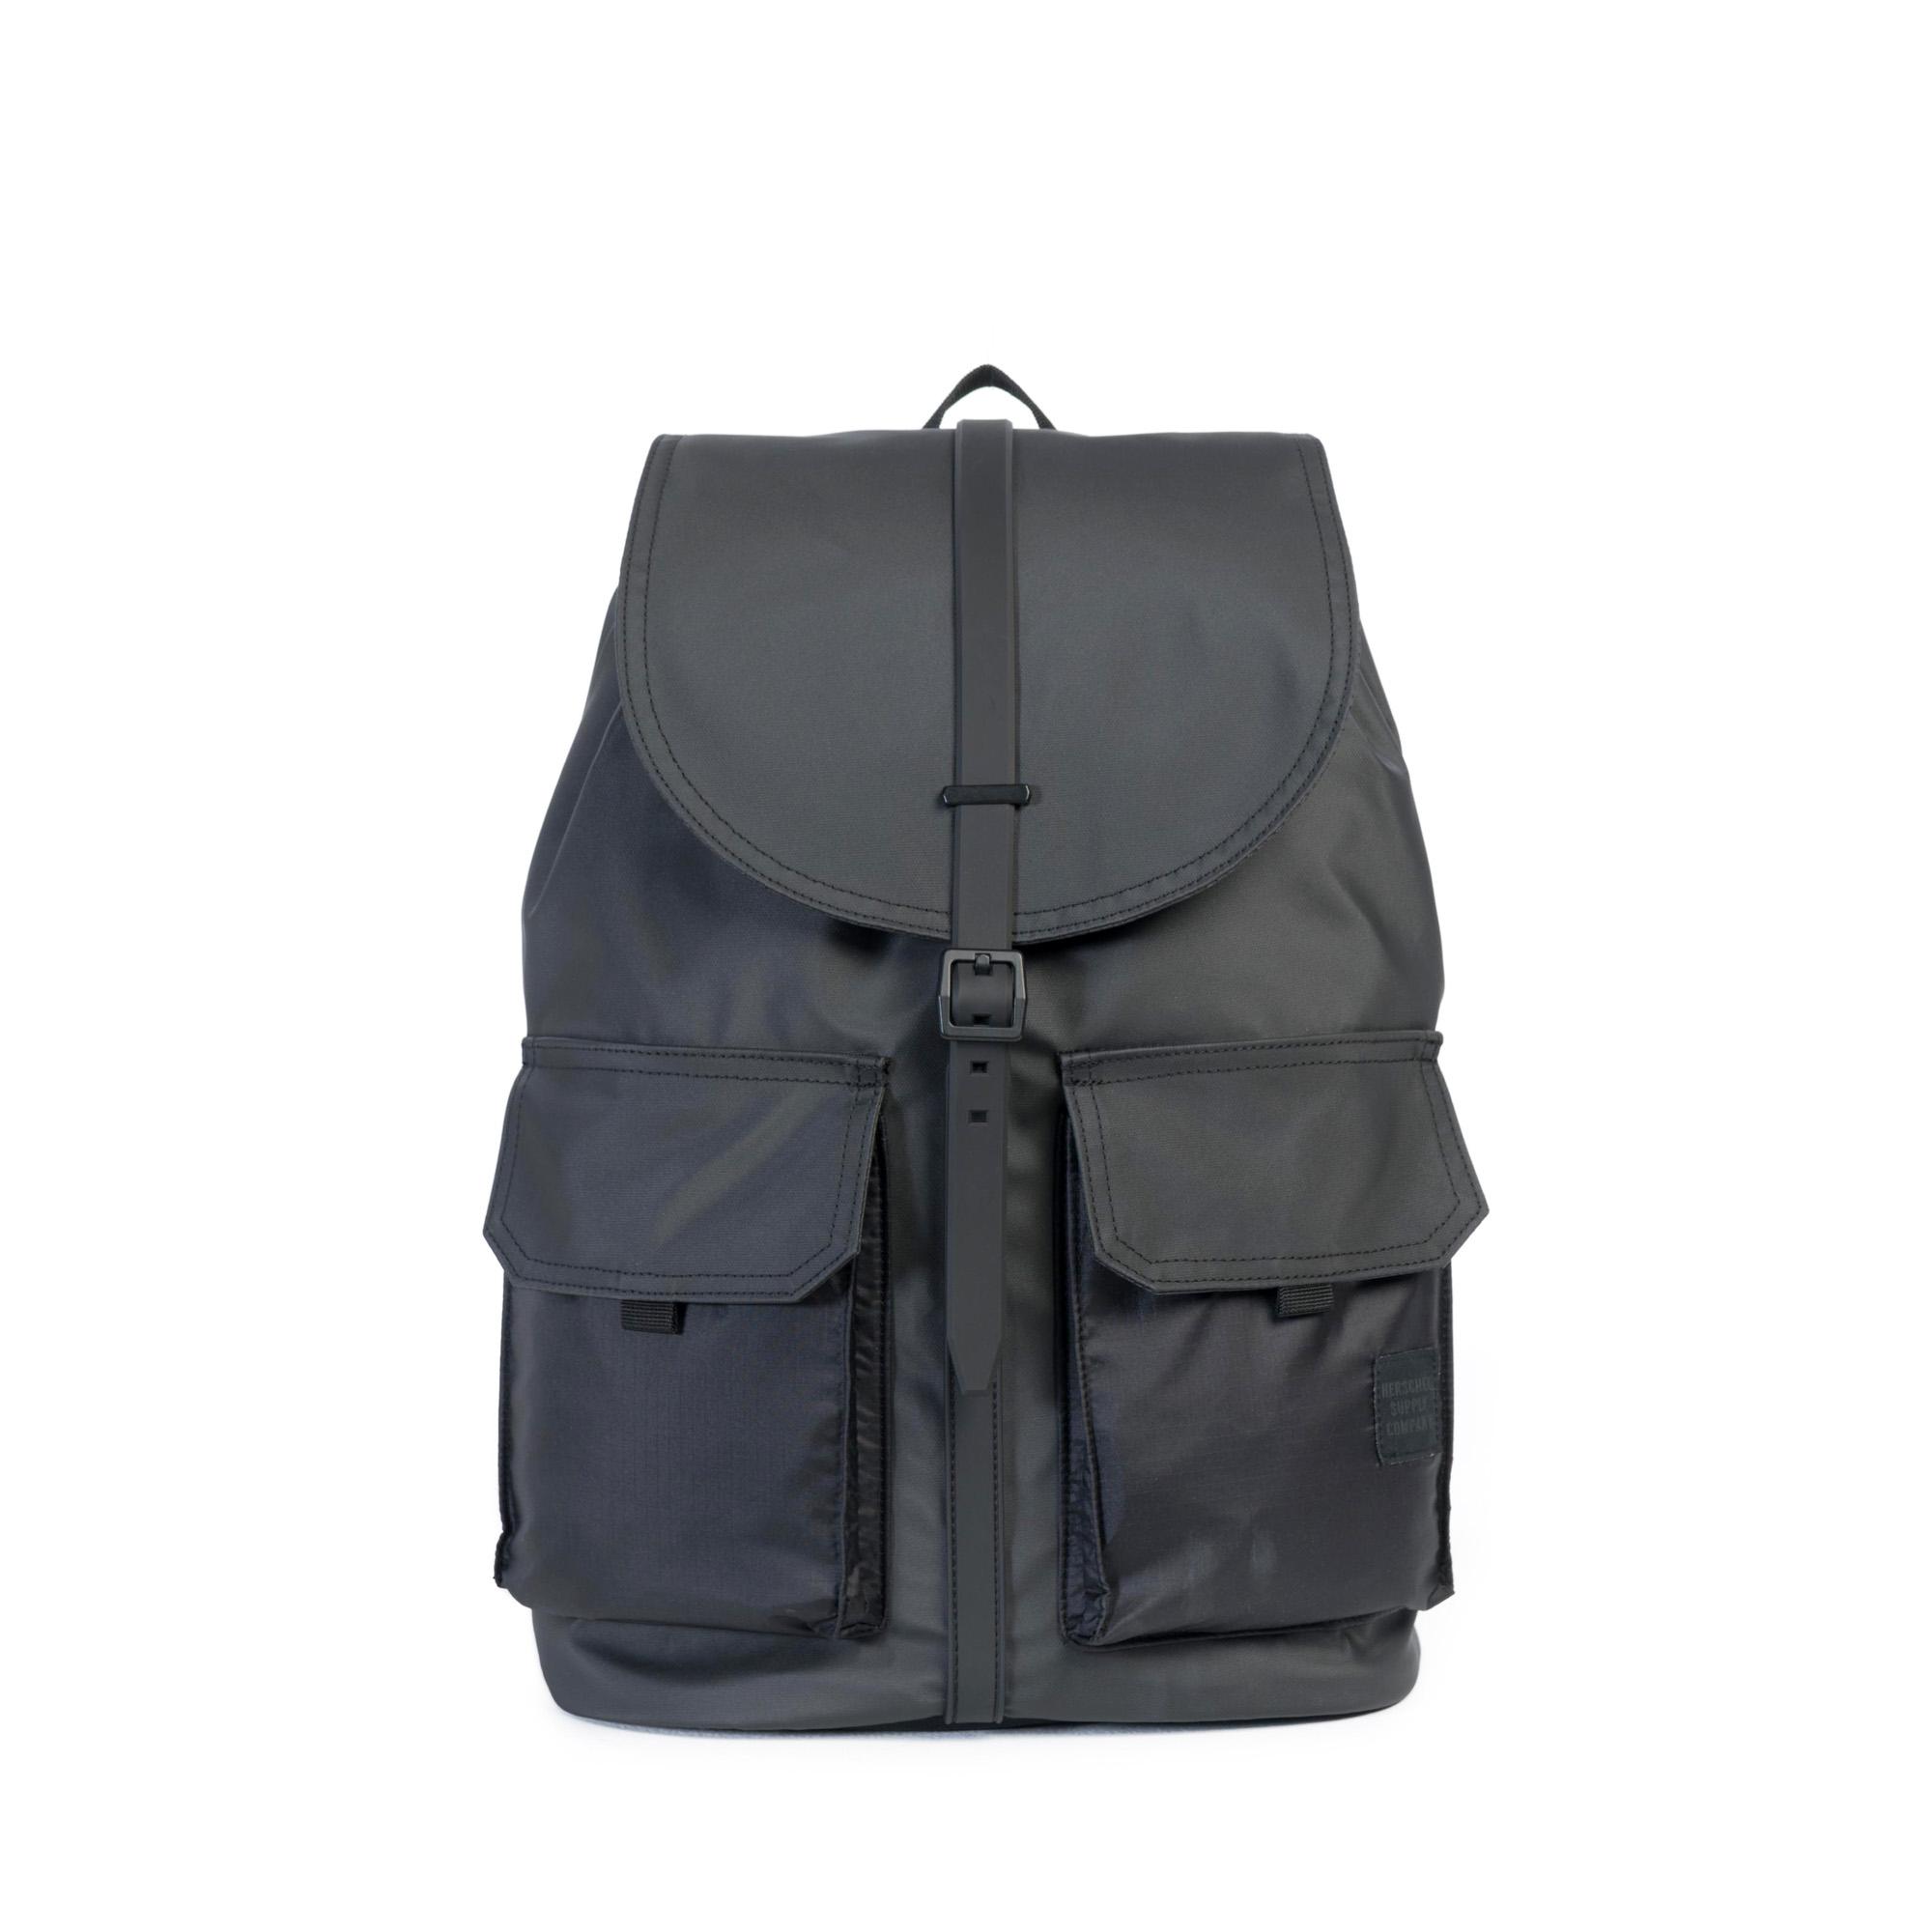 a2b8385be68 Dawson Backpack Studio